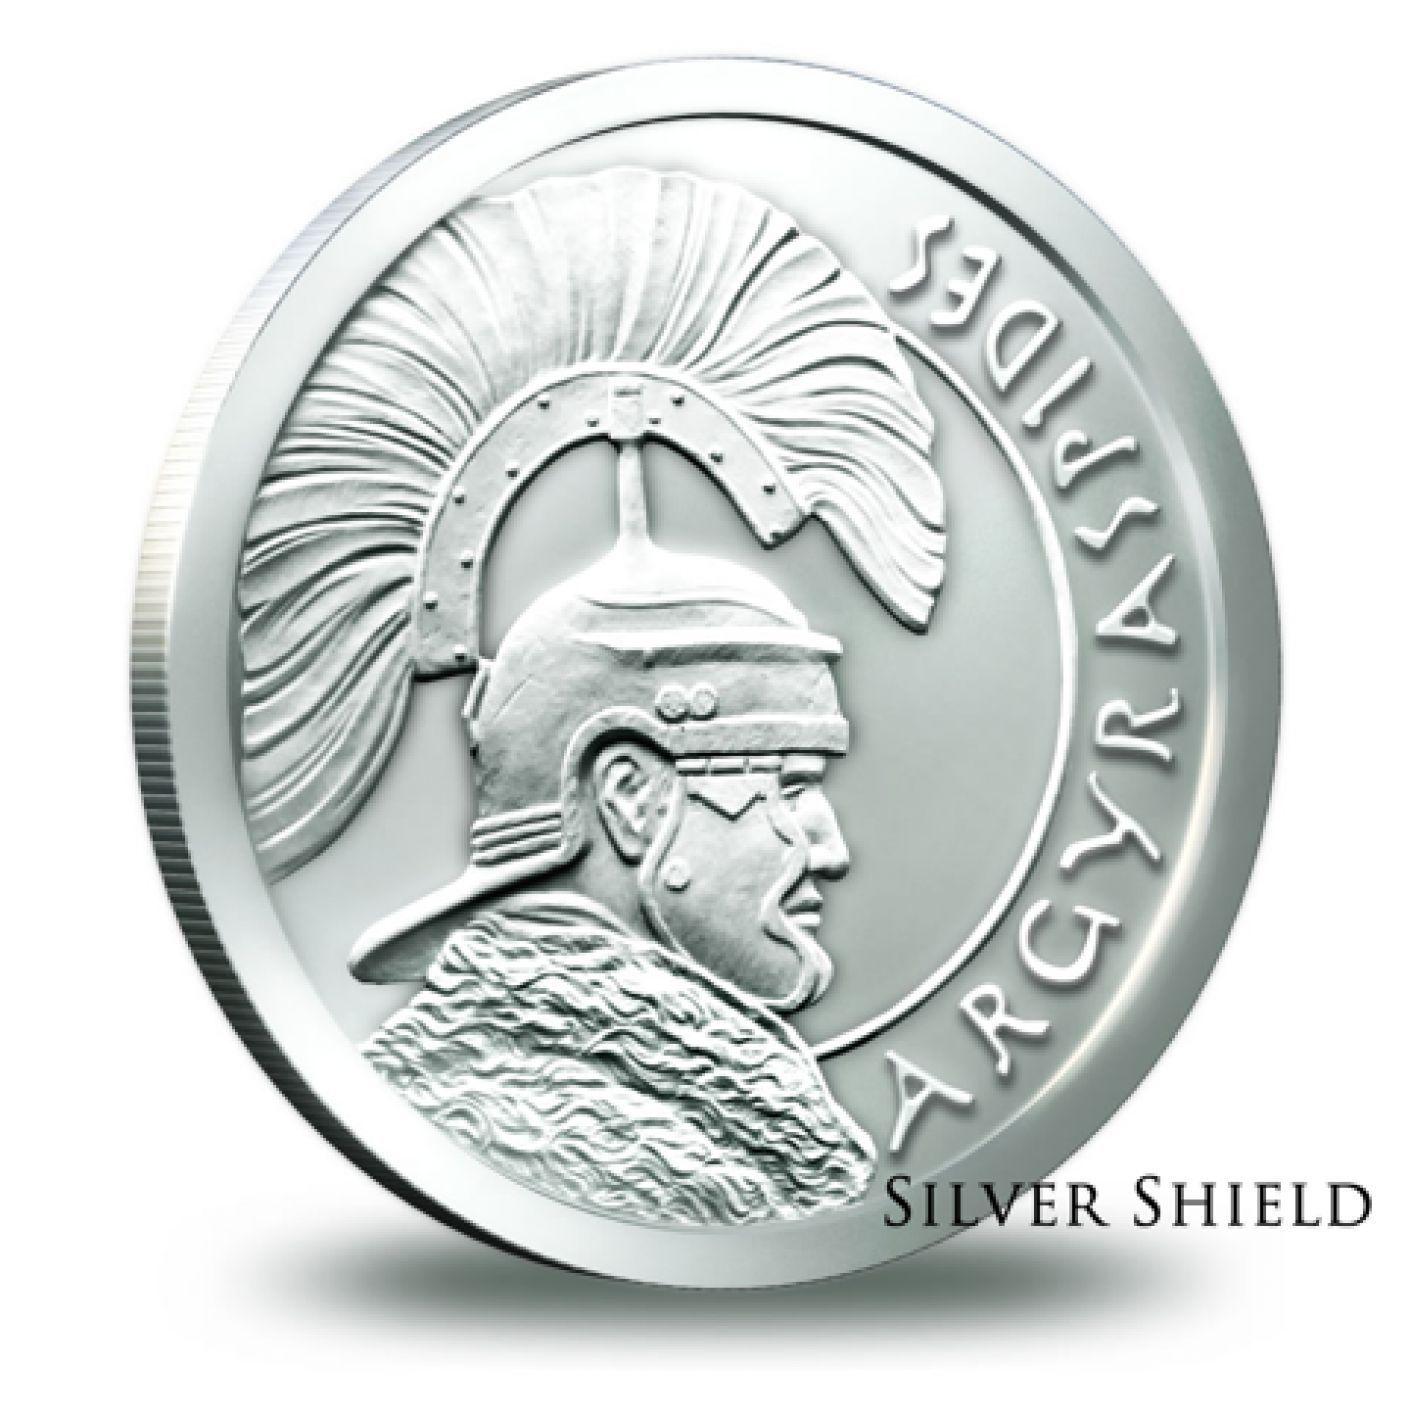 2014 Silver Shield Argyraspides 1 10 Oz 999 Silver Bu Round Usa Bullion Coin Coins Bullion Coins Bullion